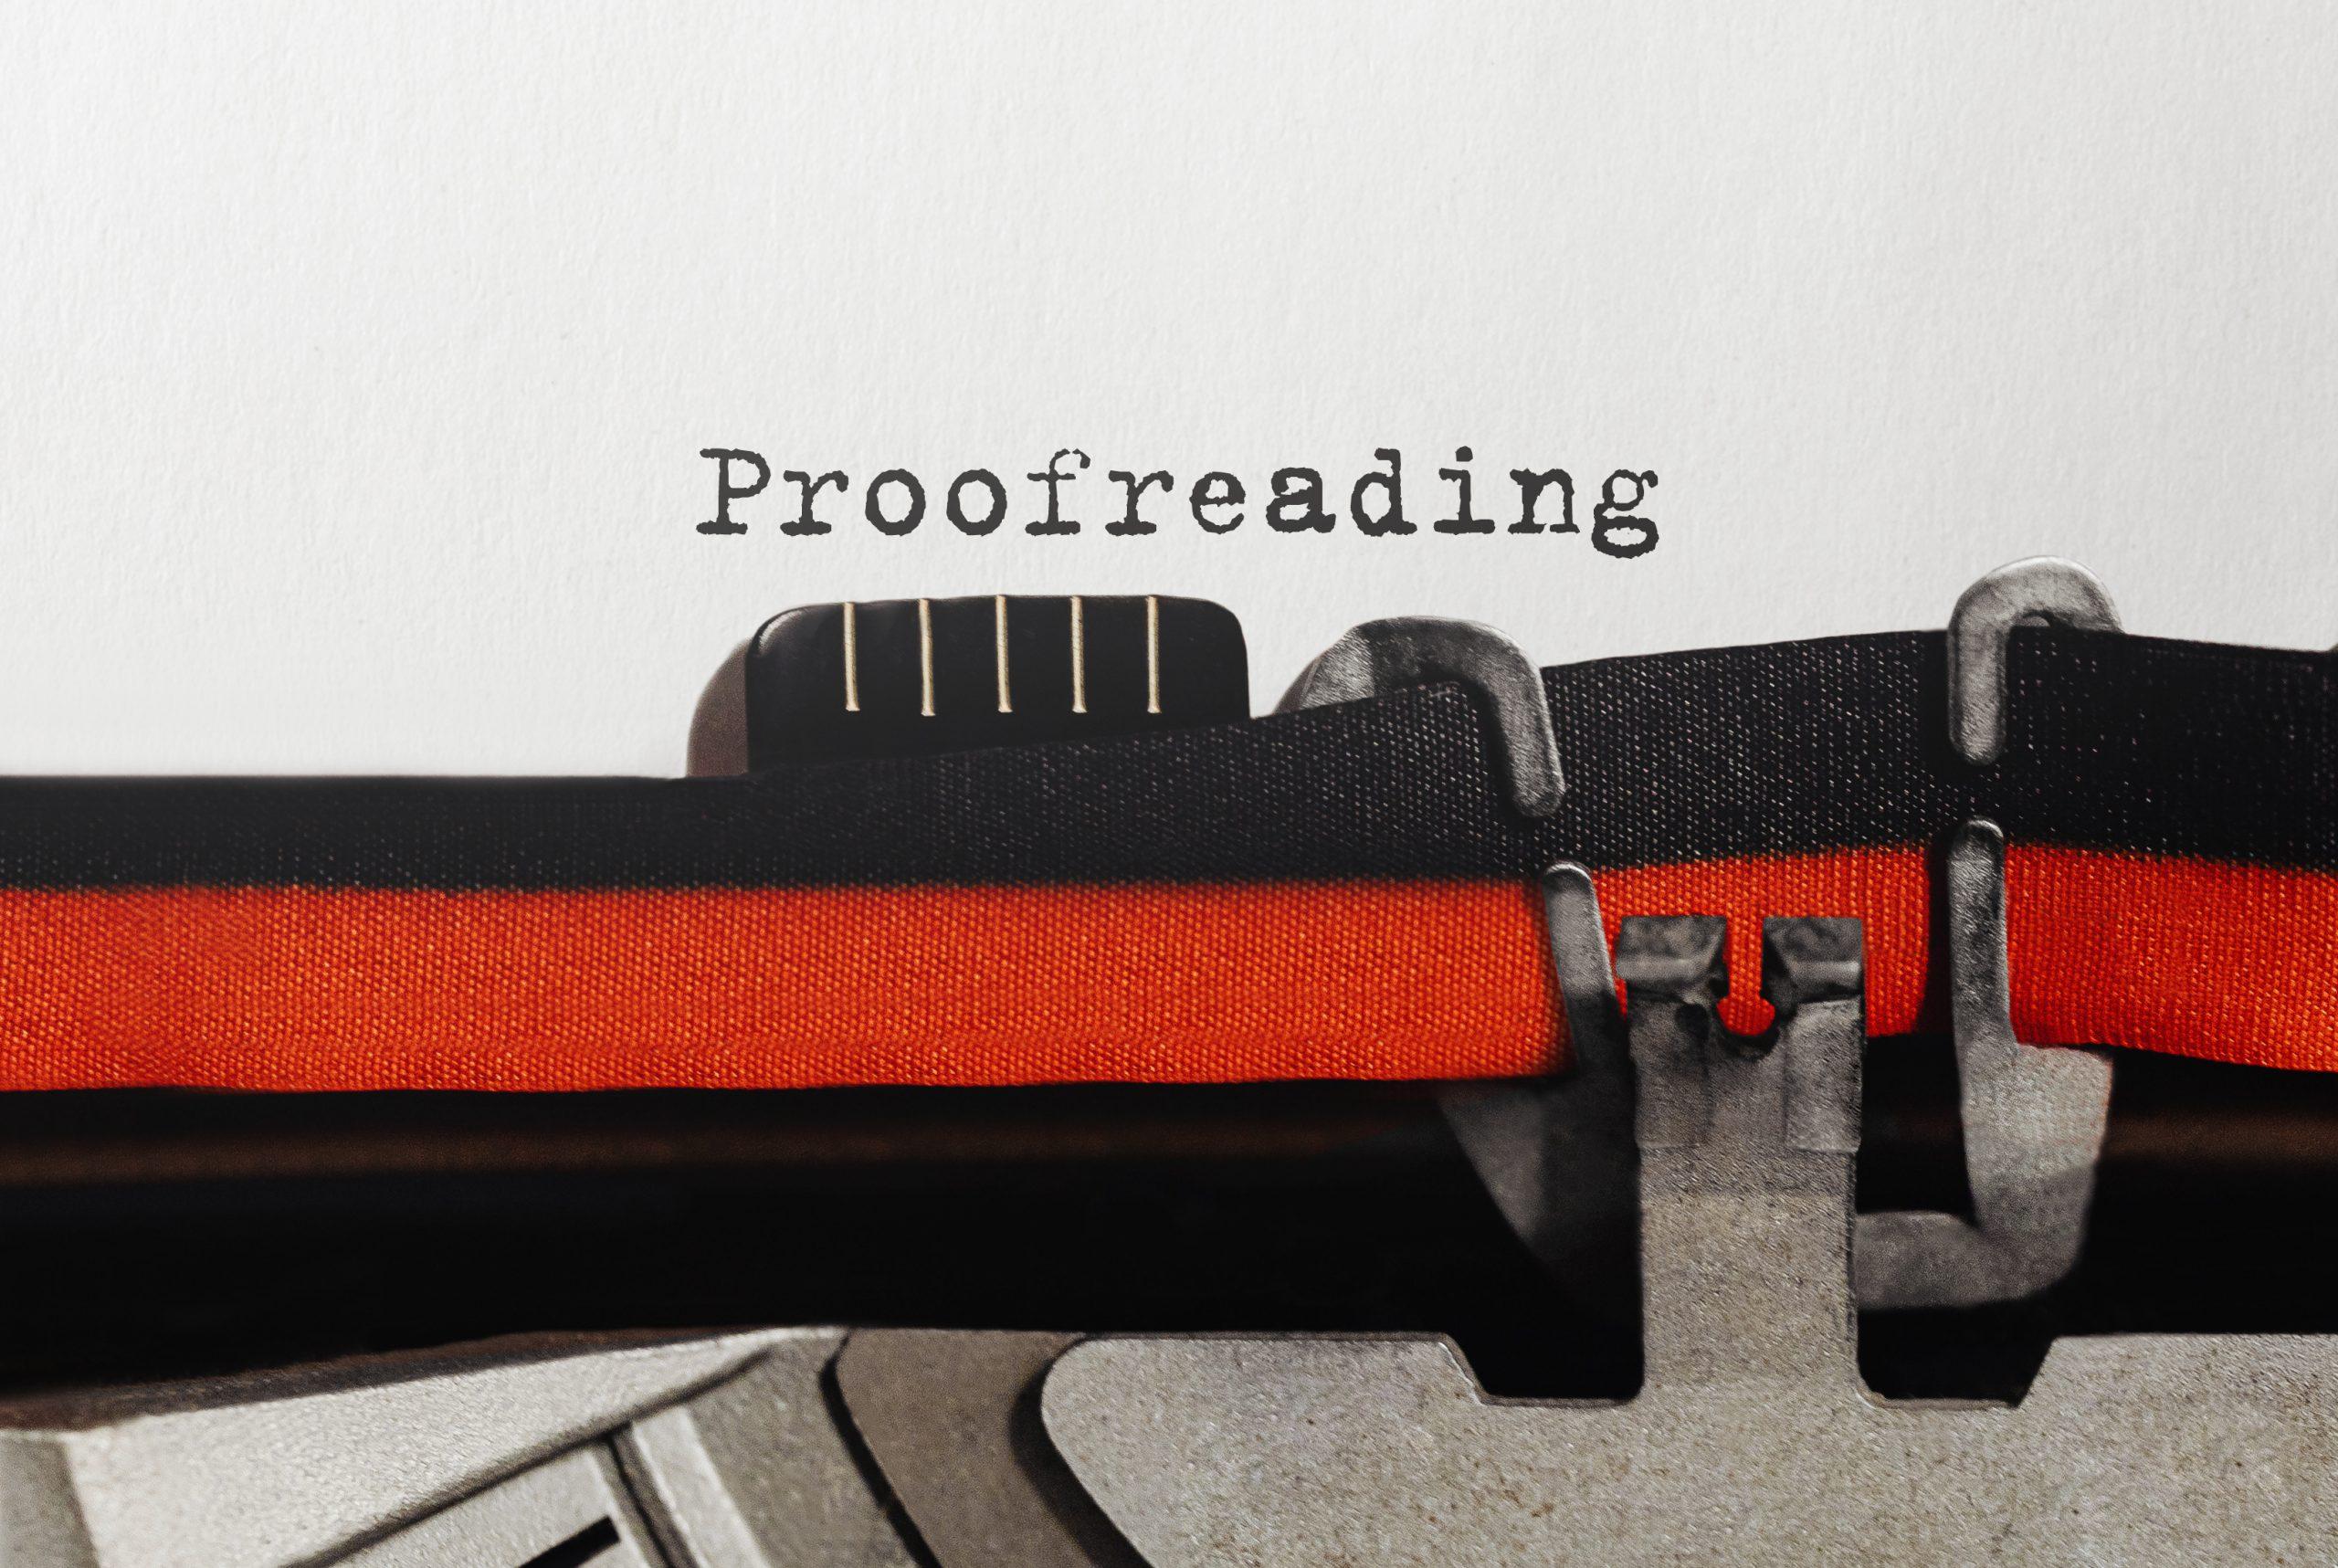 enago proofreading adalah